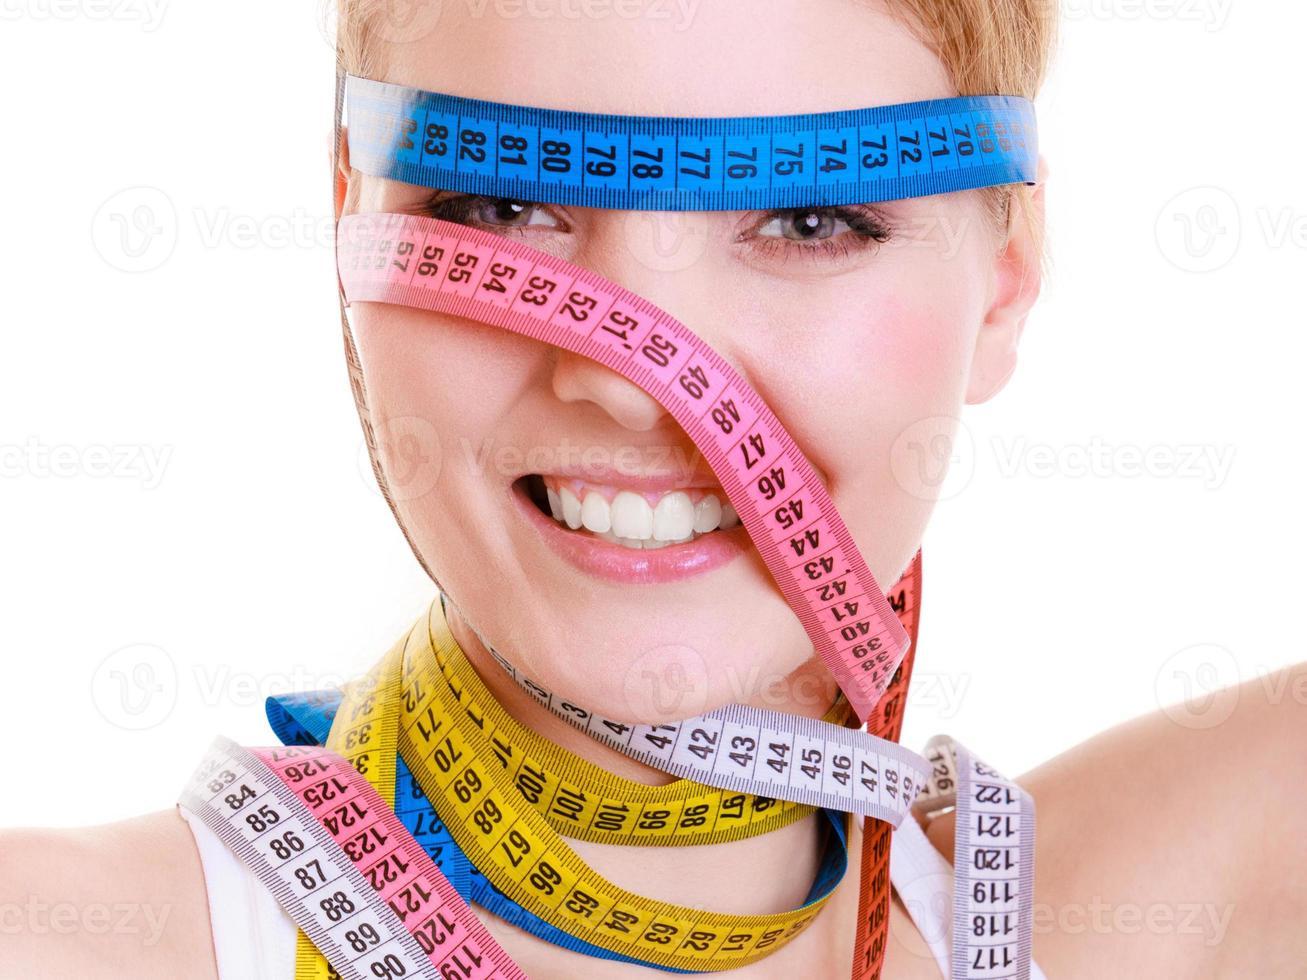 fille obsédée avec des rubans à mesurer violets autour de sa tête photo